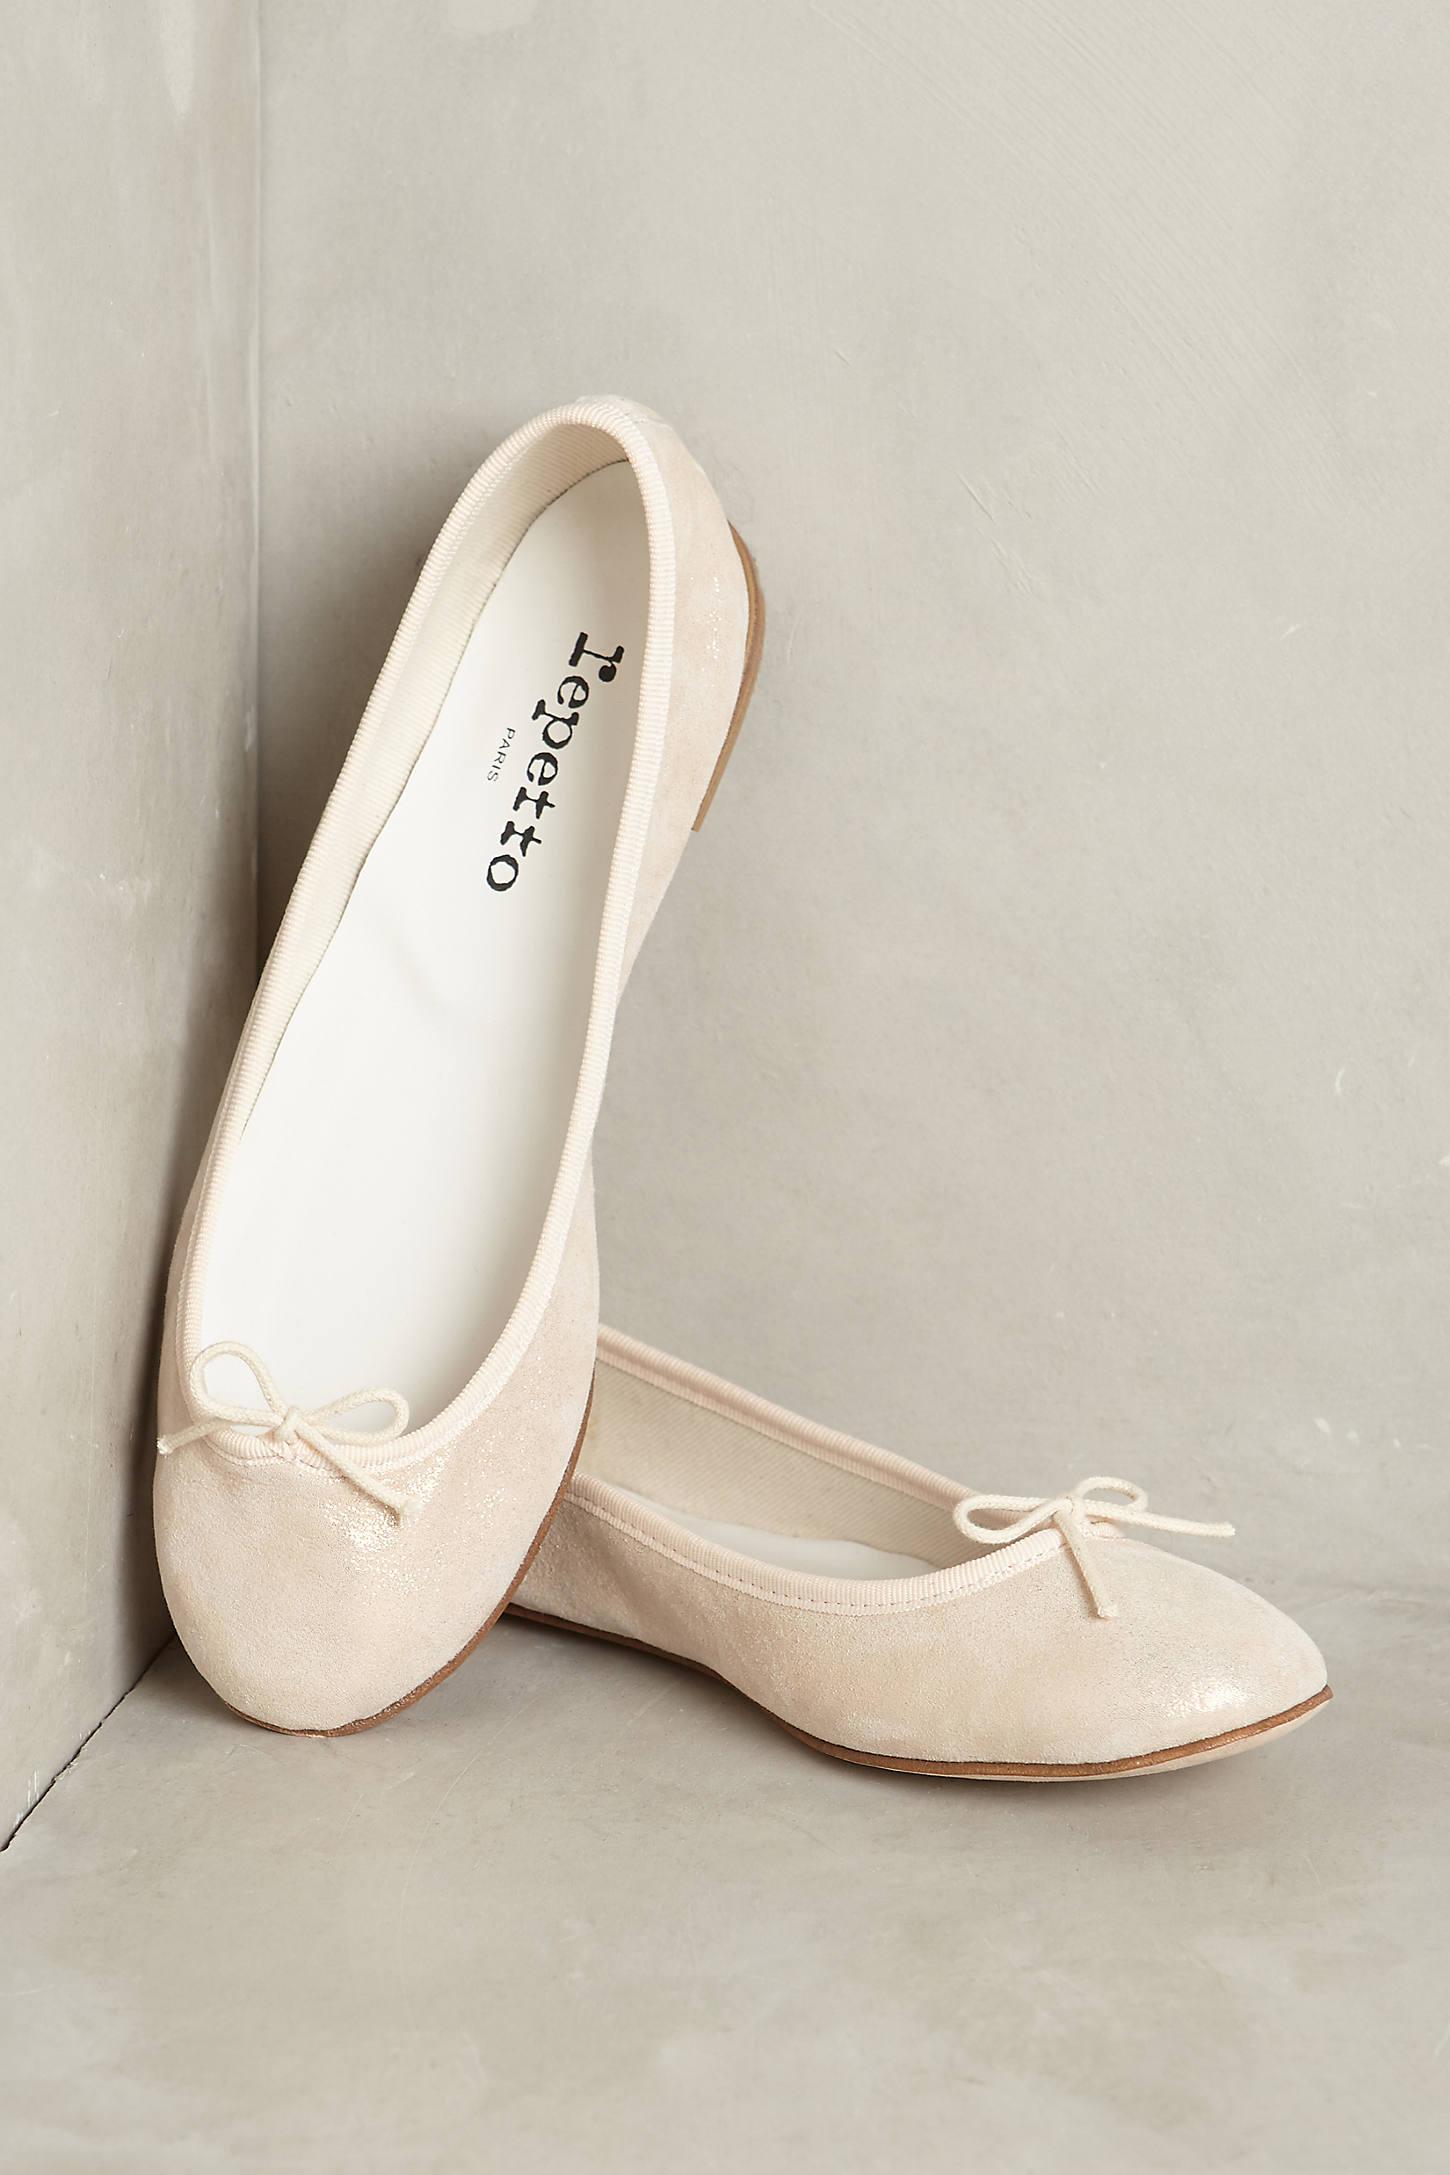 Repetto Cendrillon Metallic Ballet Flat